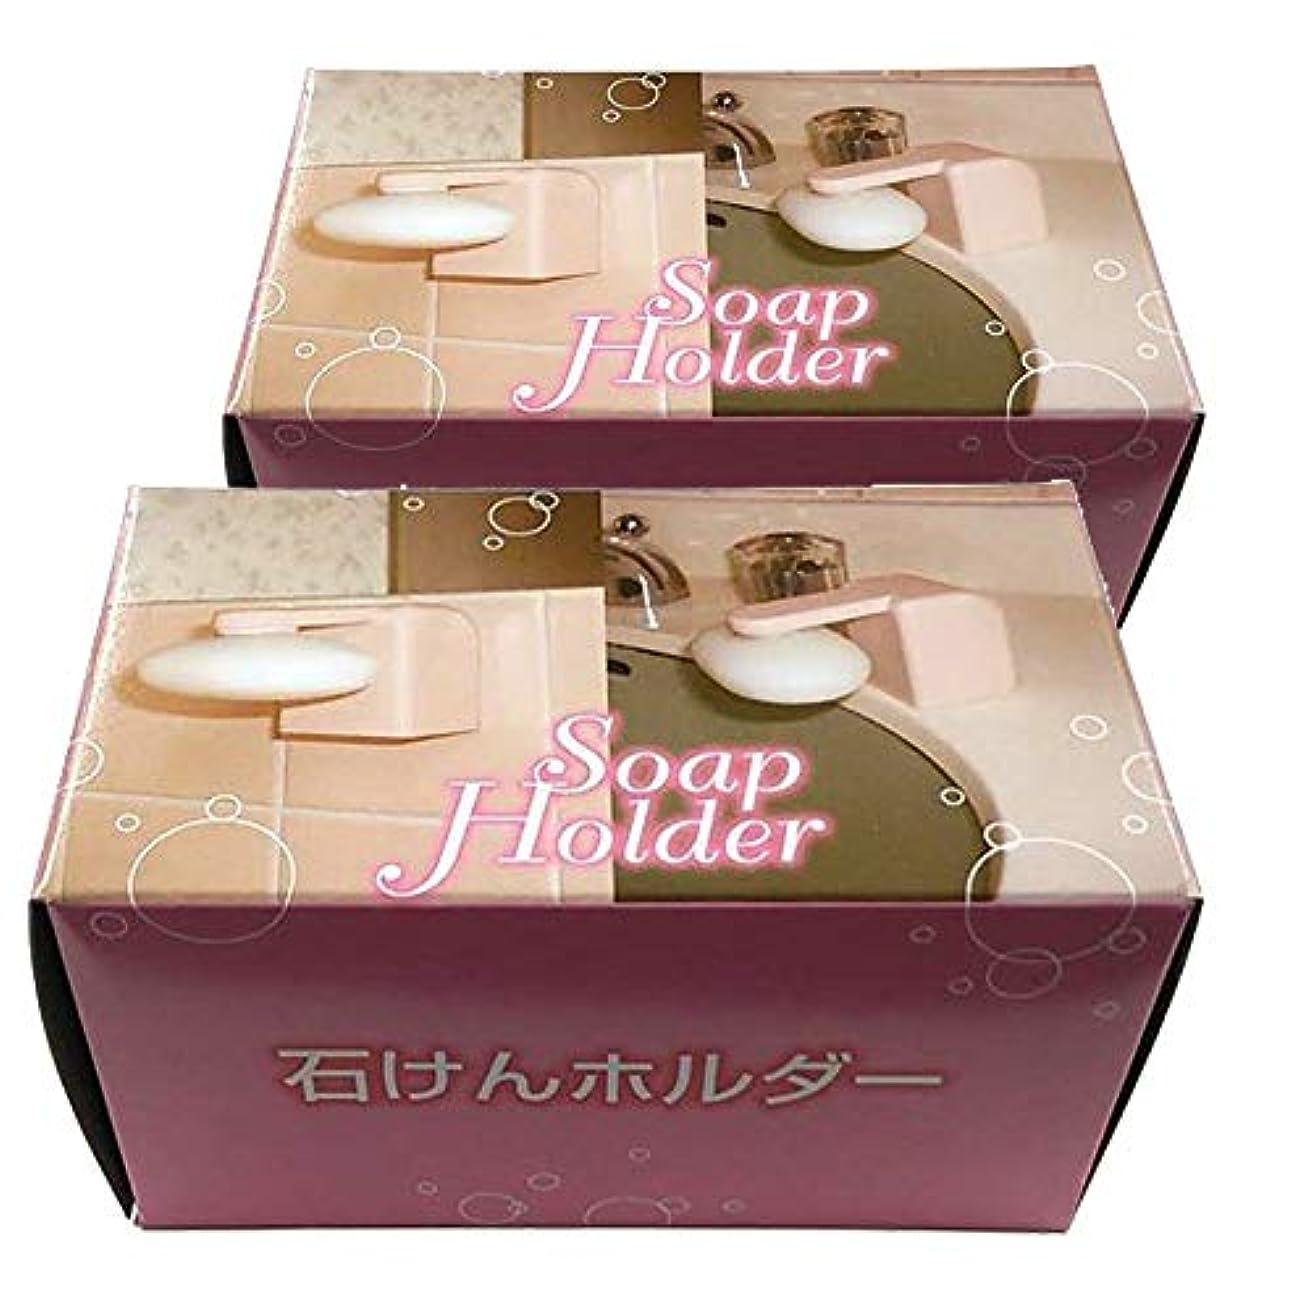 含めるレンズ可決マグネット石けんホルダー(2個セット) 石鹸が溶けないホルダー